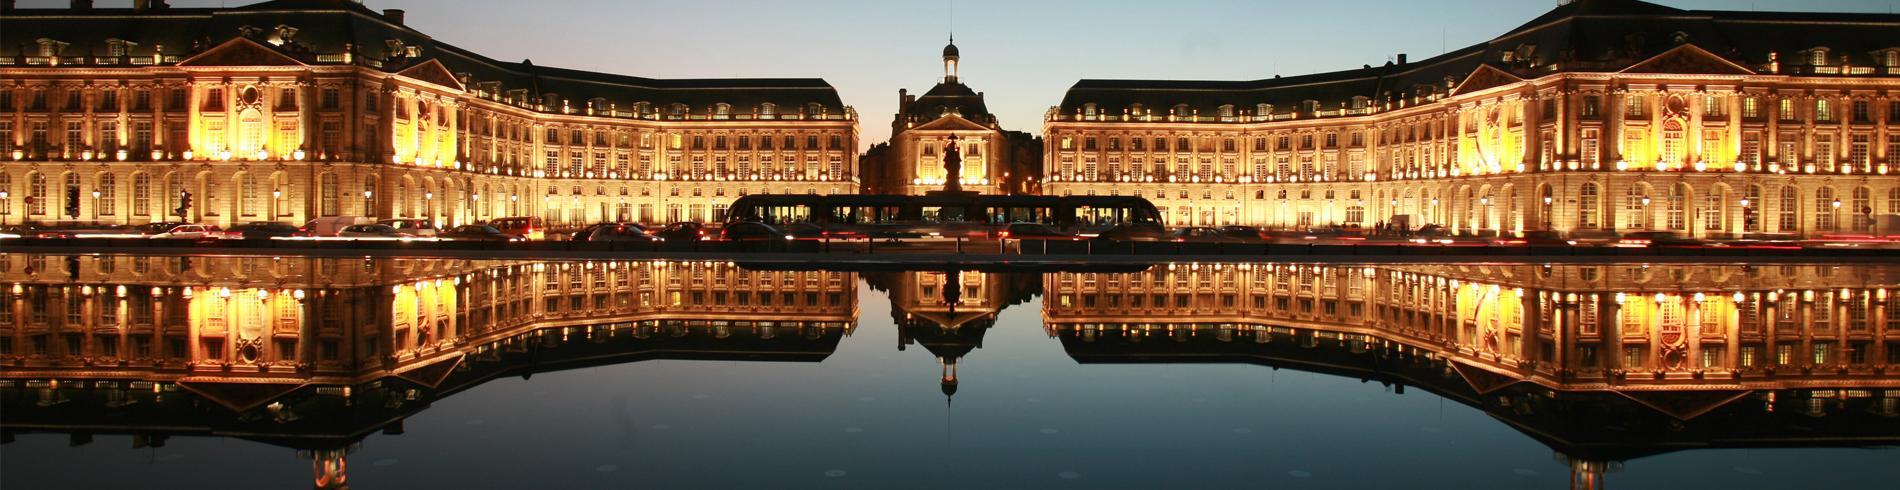 Place de la Bourse, Place Royale, Bordeaux